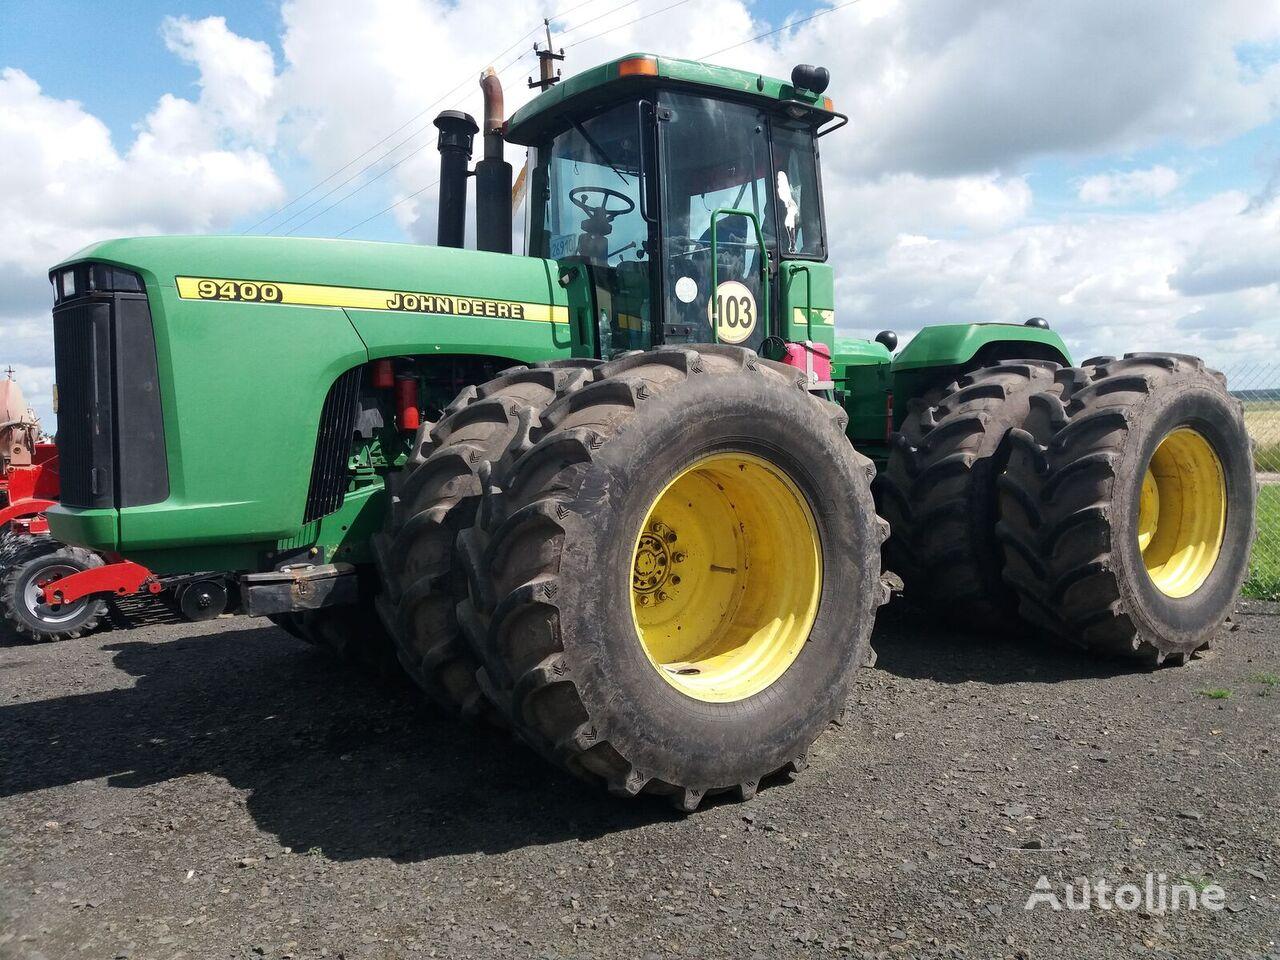 JOHN DEERE 9400 wheel tractor